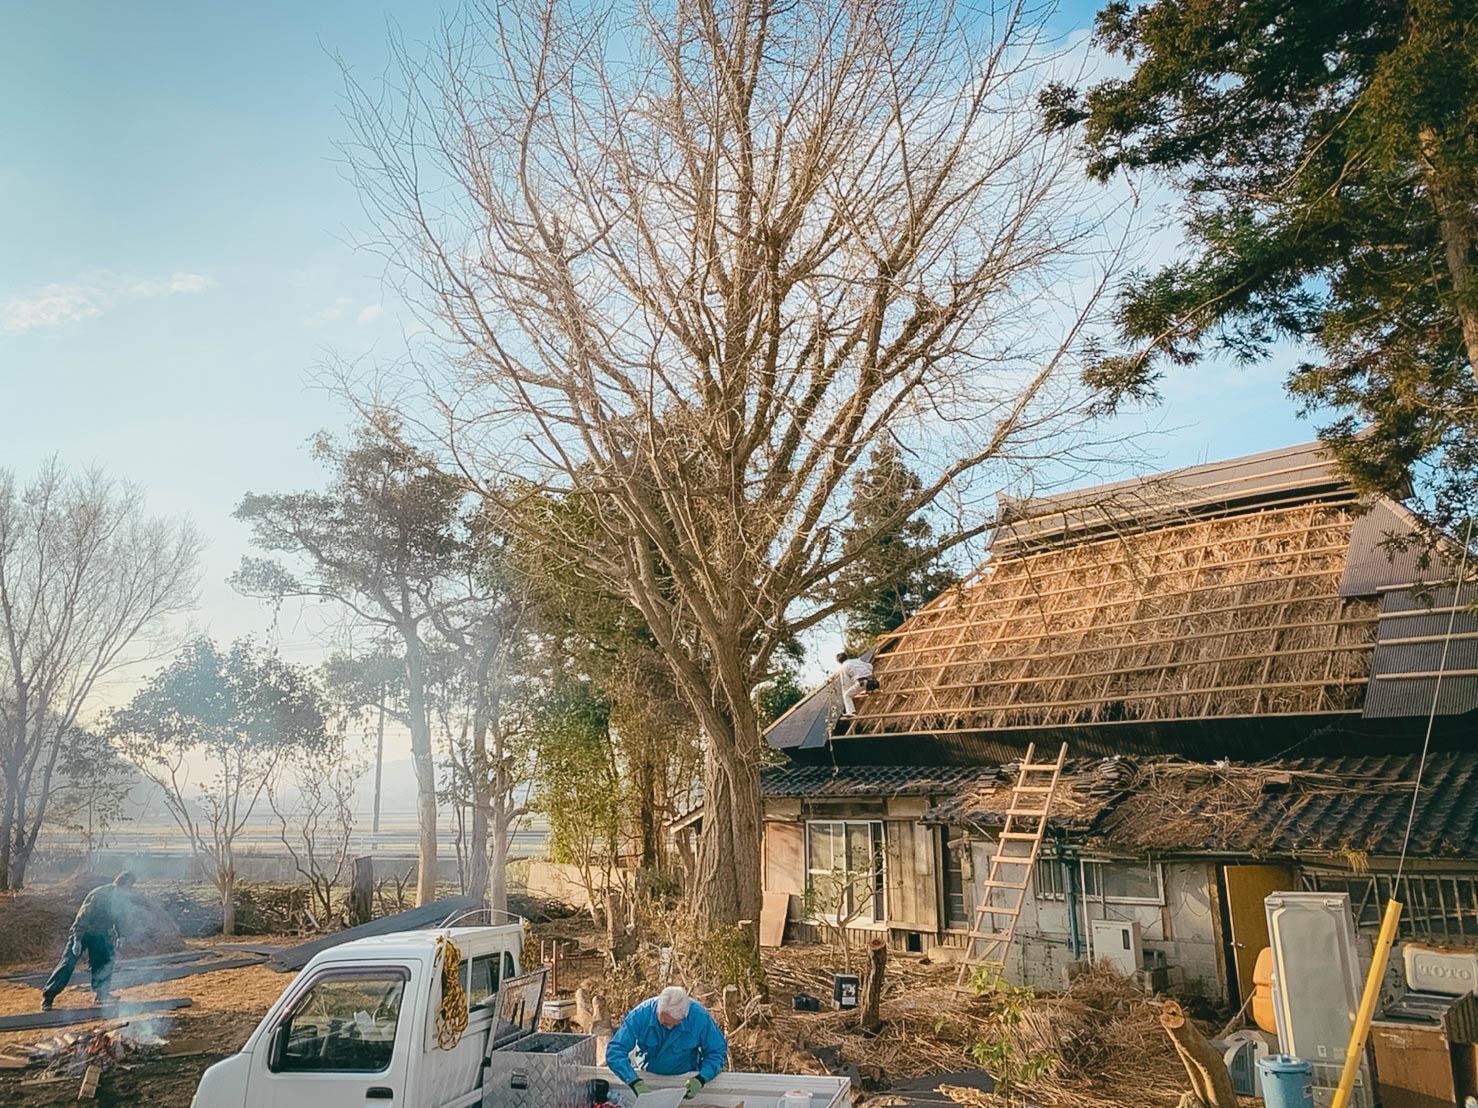 日本伝統の「結(ゆい)」のつながりを藁ぶき古民家の甦生を通して広めたい